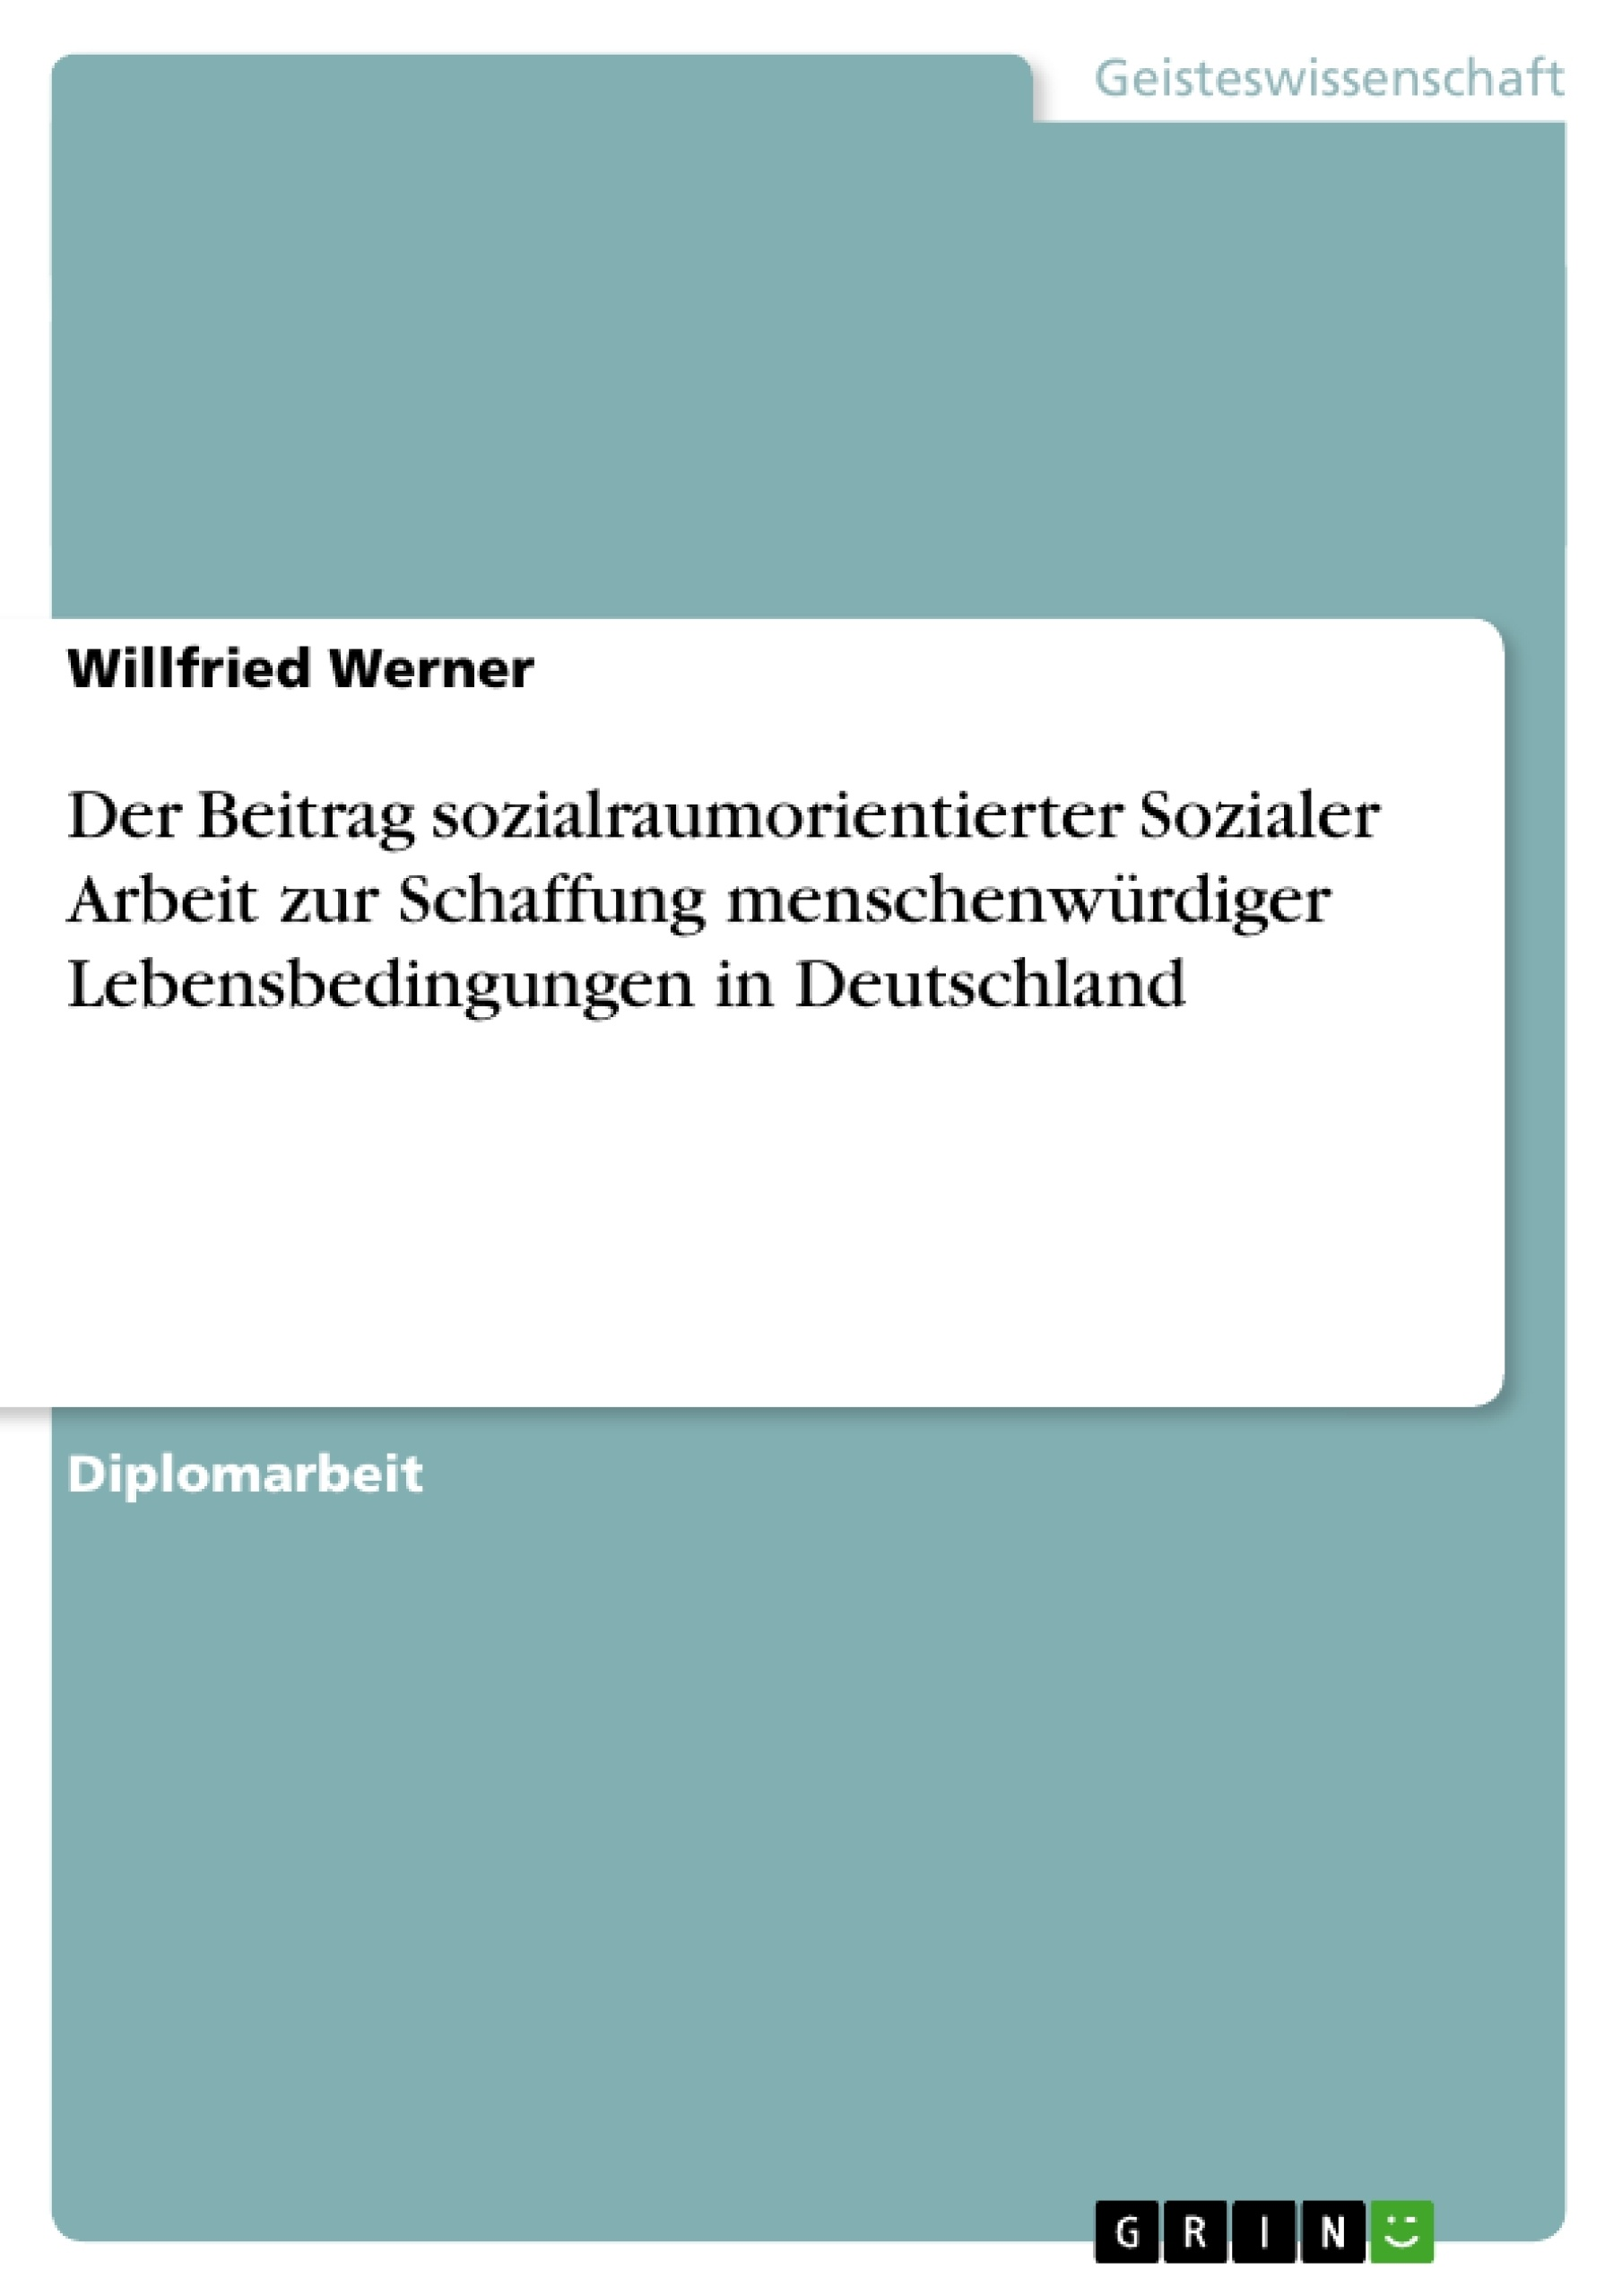 Titel: Der Beitrag sozialraumorientierter Sozialer Arbeit zur Schaffung menschenwürdiger Lebensbedingungen in Deutschland